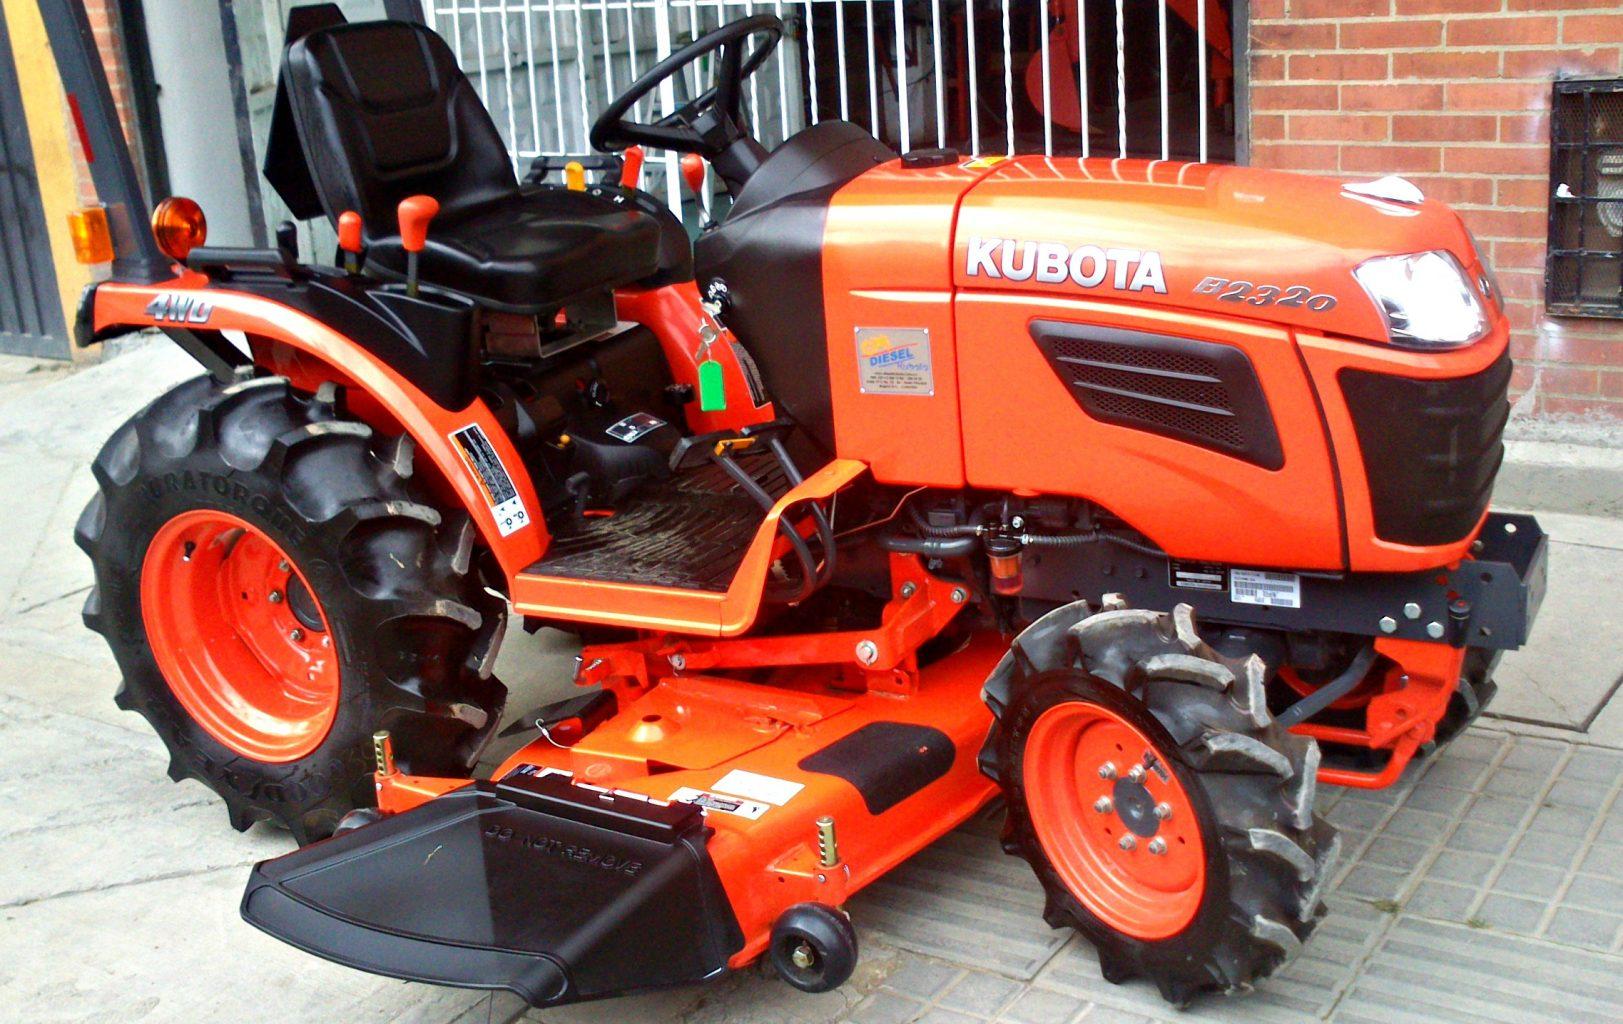 Kubota B2320 Mid mount mower